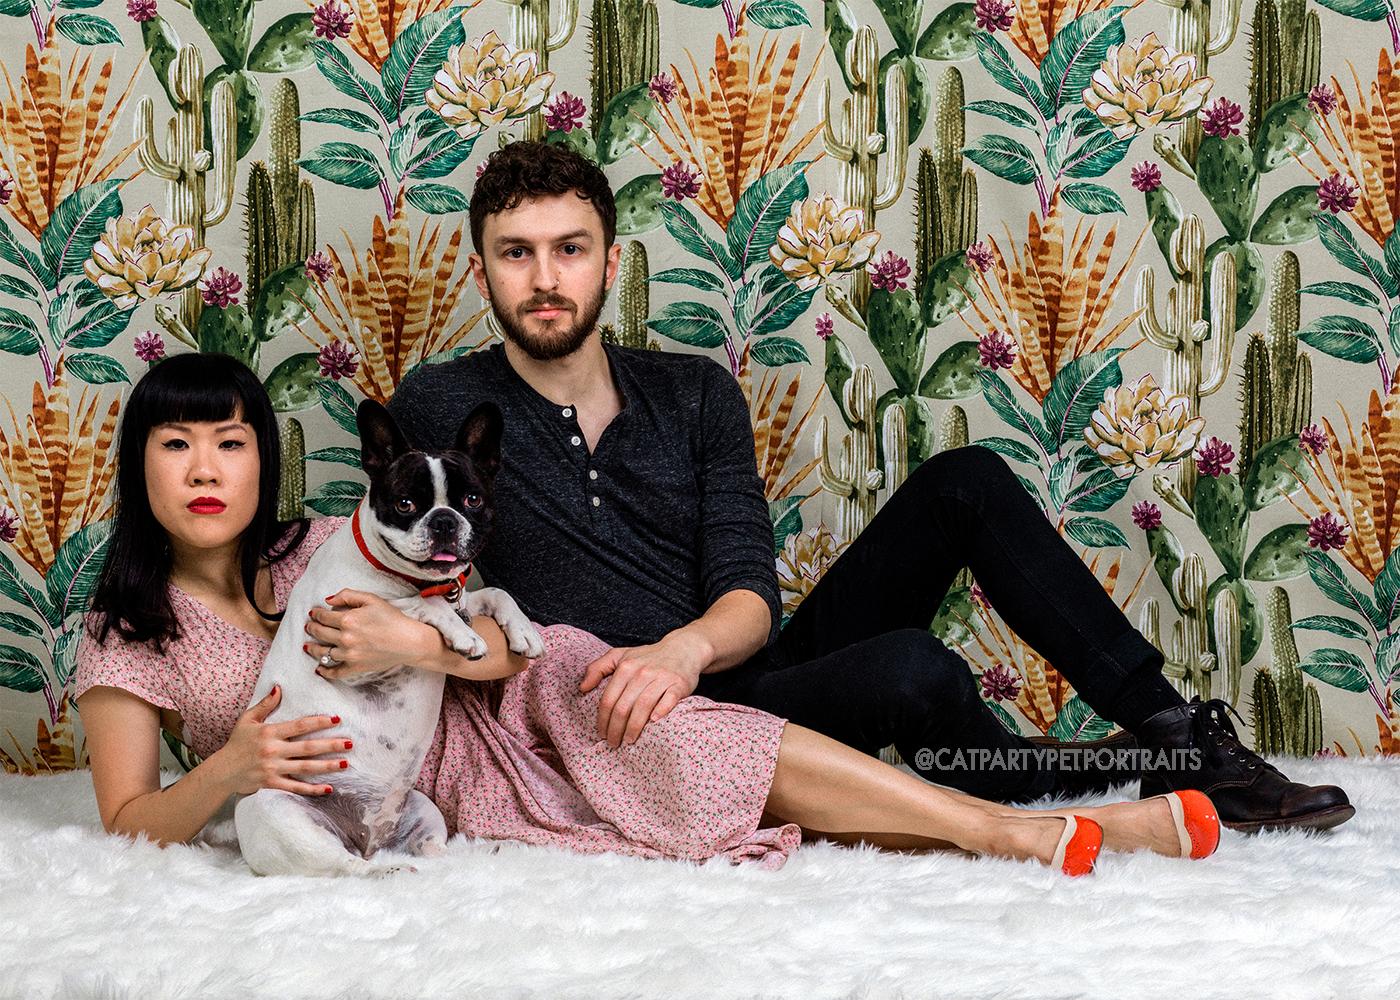 20190511_Pet Portrait_Danielle Spires-8781 copy.jpg